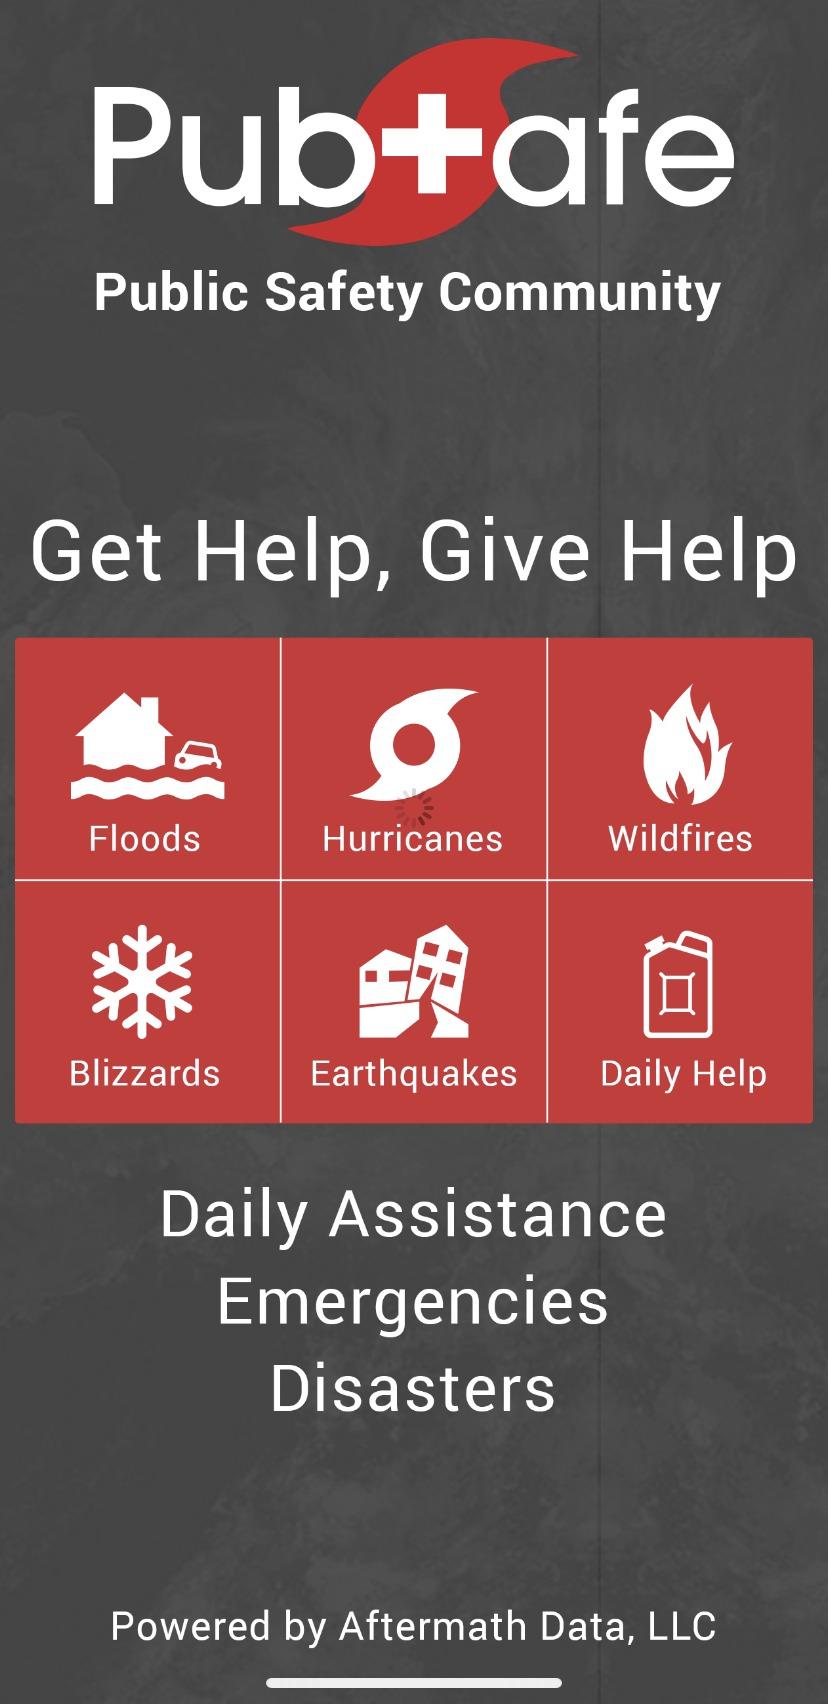 PubSafe Help Mobile App